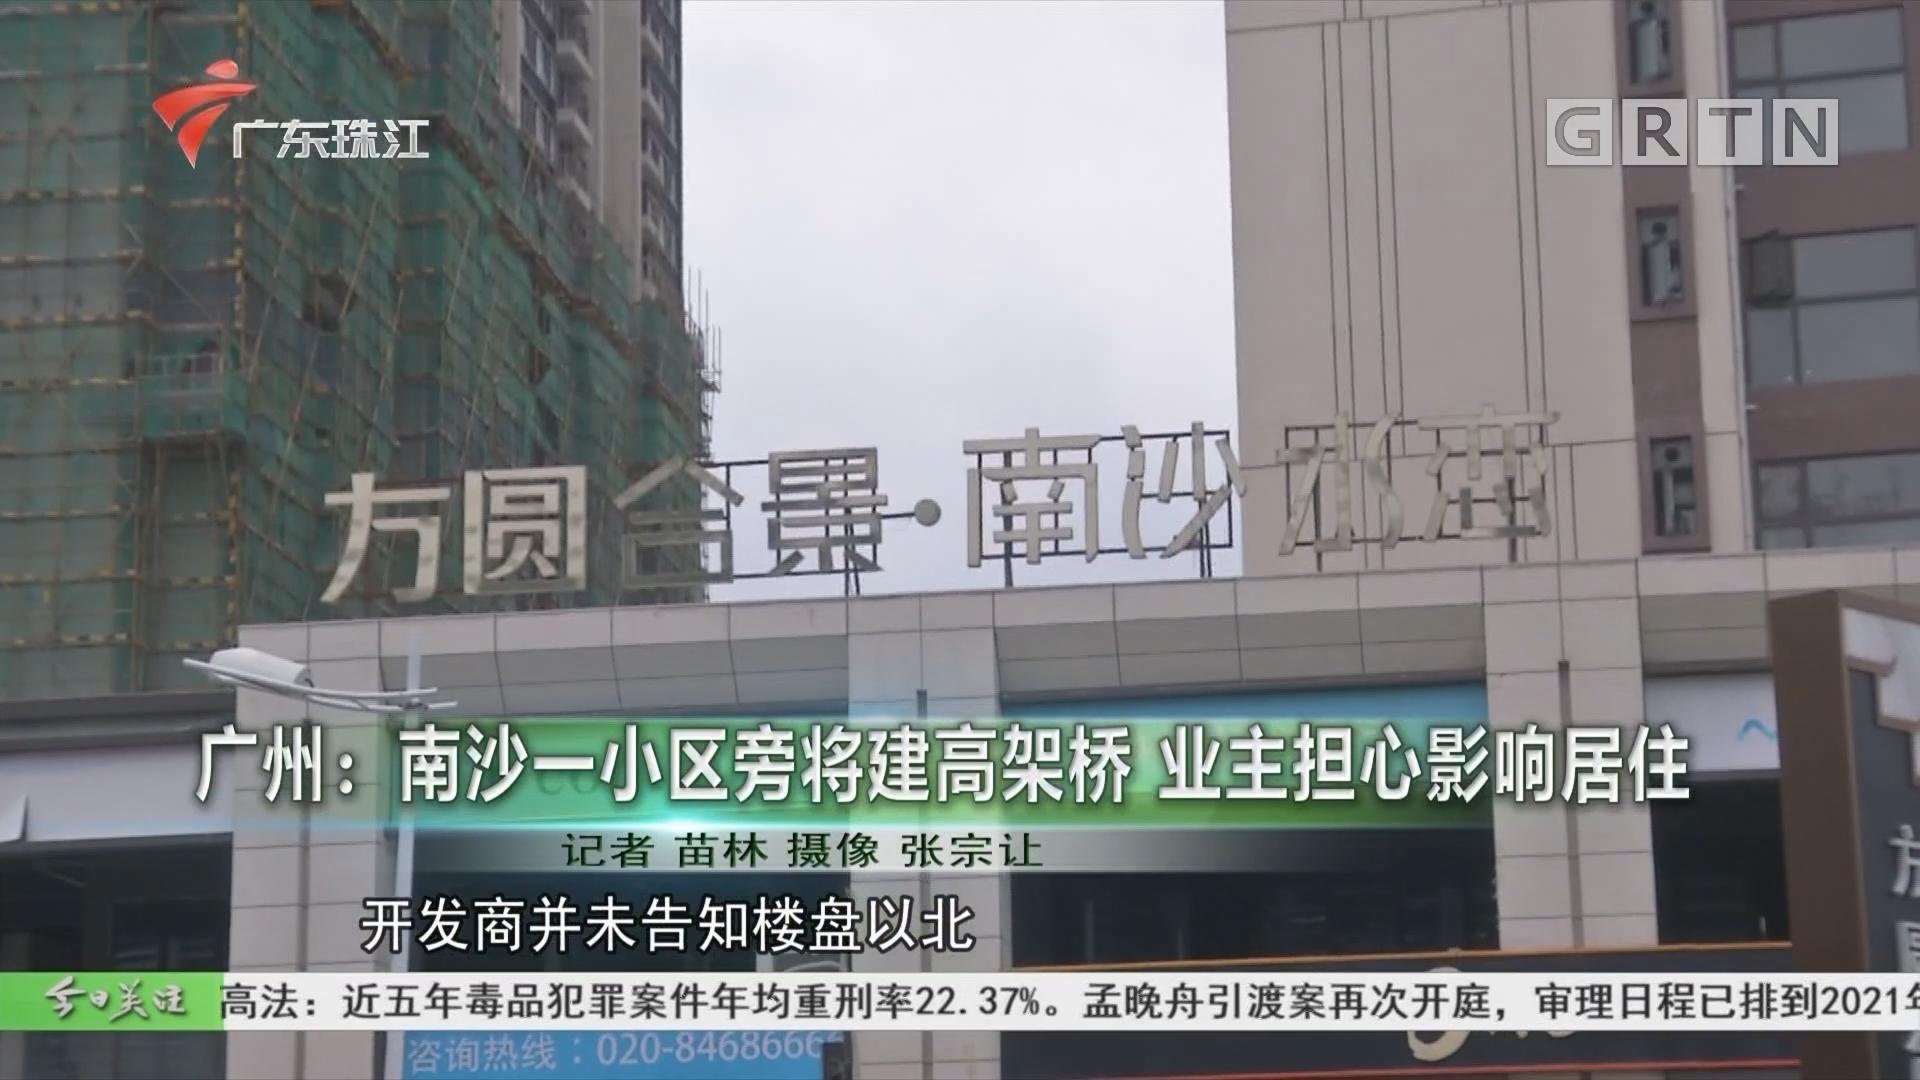 广州:南沙一小区旁将建高架桥 业主担心影响居住